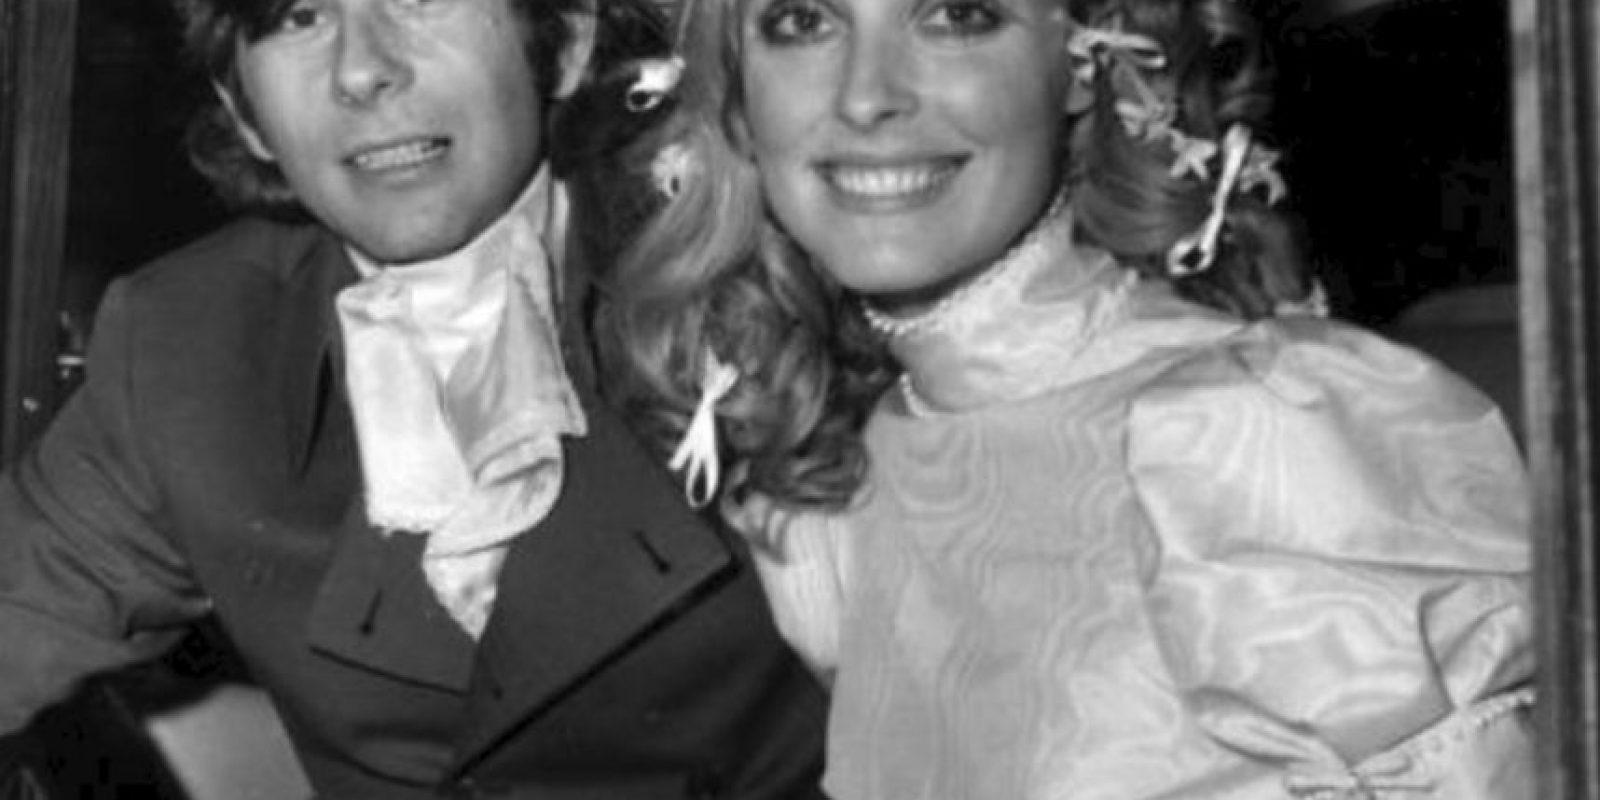 """El director Roman Polanski se quedó viudo de una forma horrible: su esposa Sharon Tate fue asesinada a puñaladas por la banda del famoso psicópata Charles Manson. Estaba embarazada de ocho meses. Escribieron """"Cerdo"""" con su sangre. Foto:vía Getty Images. Imagen Por:"""